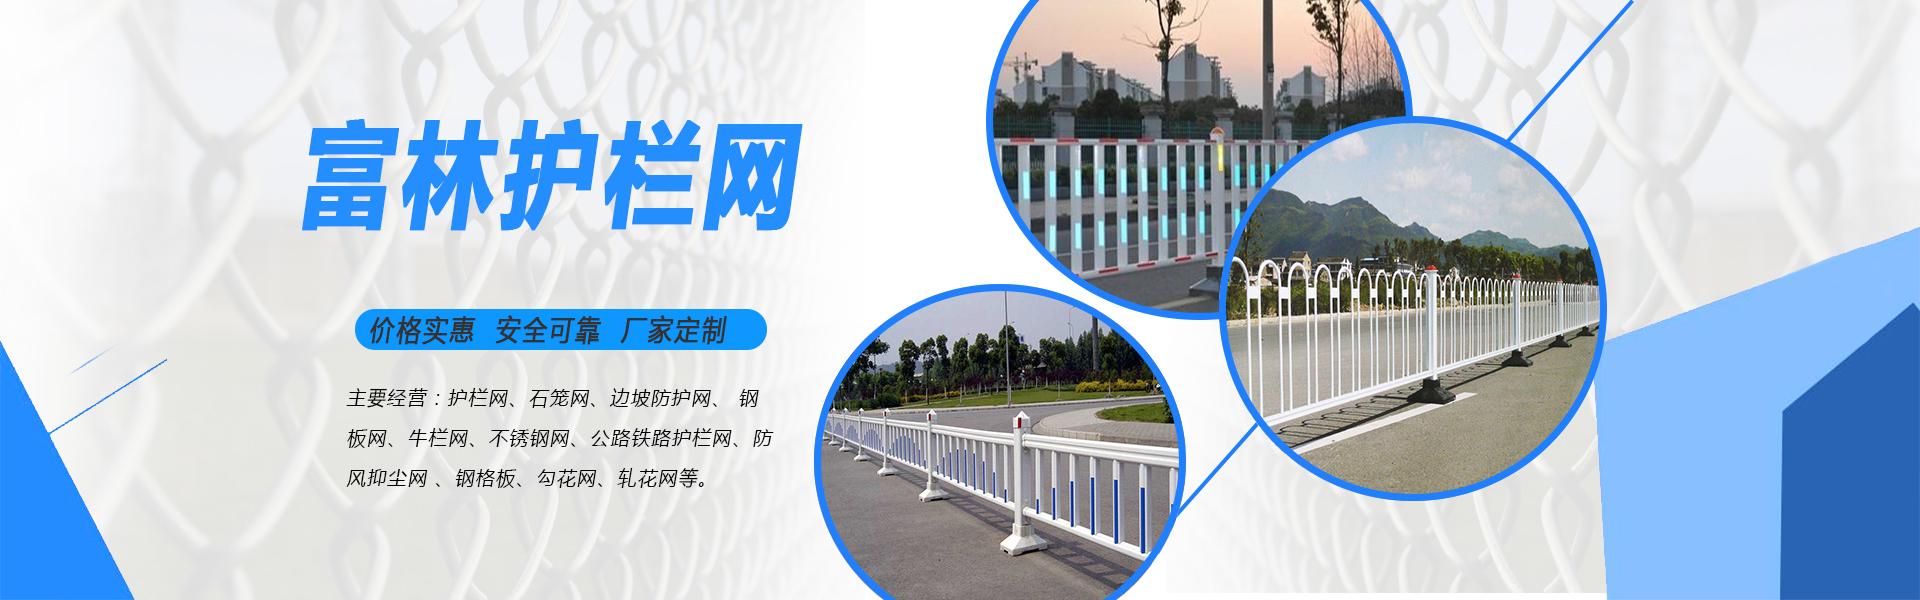 兰州双边护栏网-兰州锌钢护栏